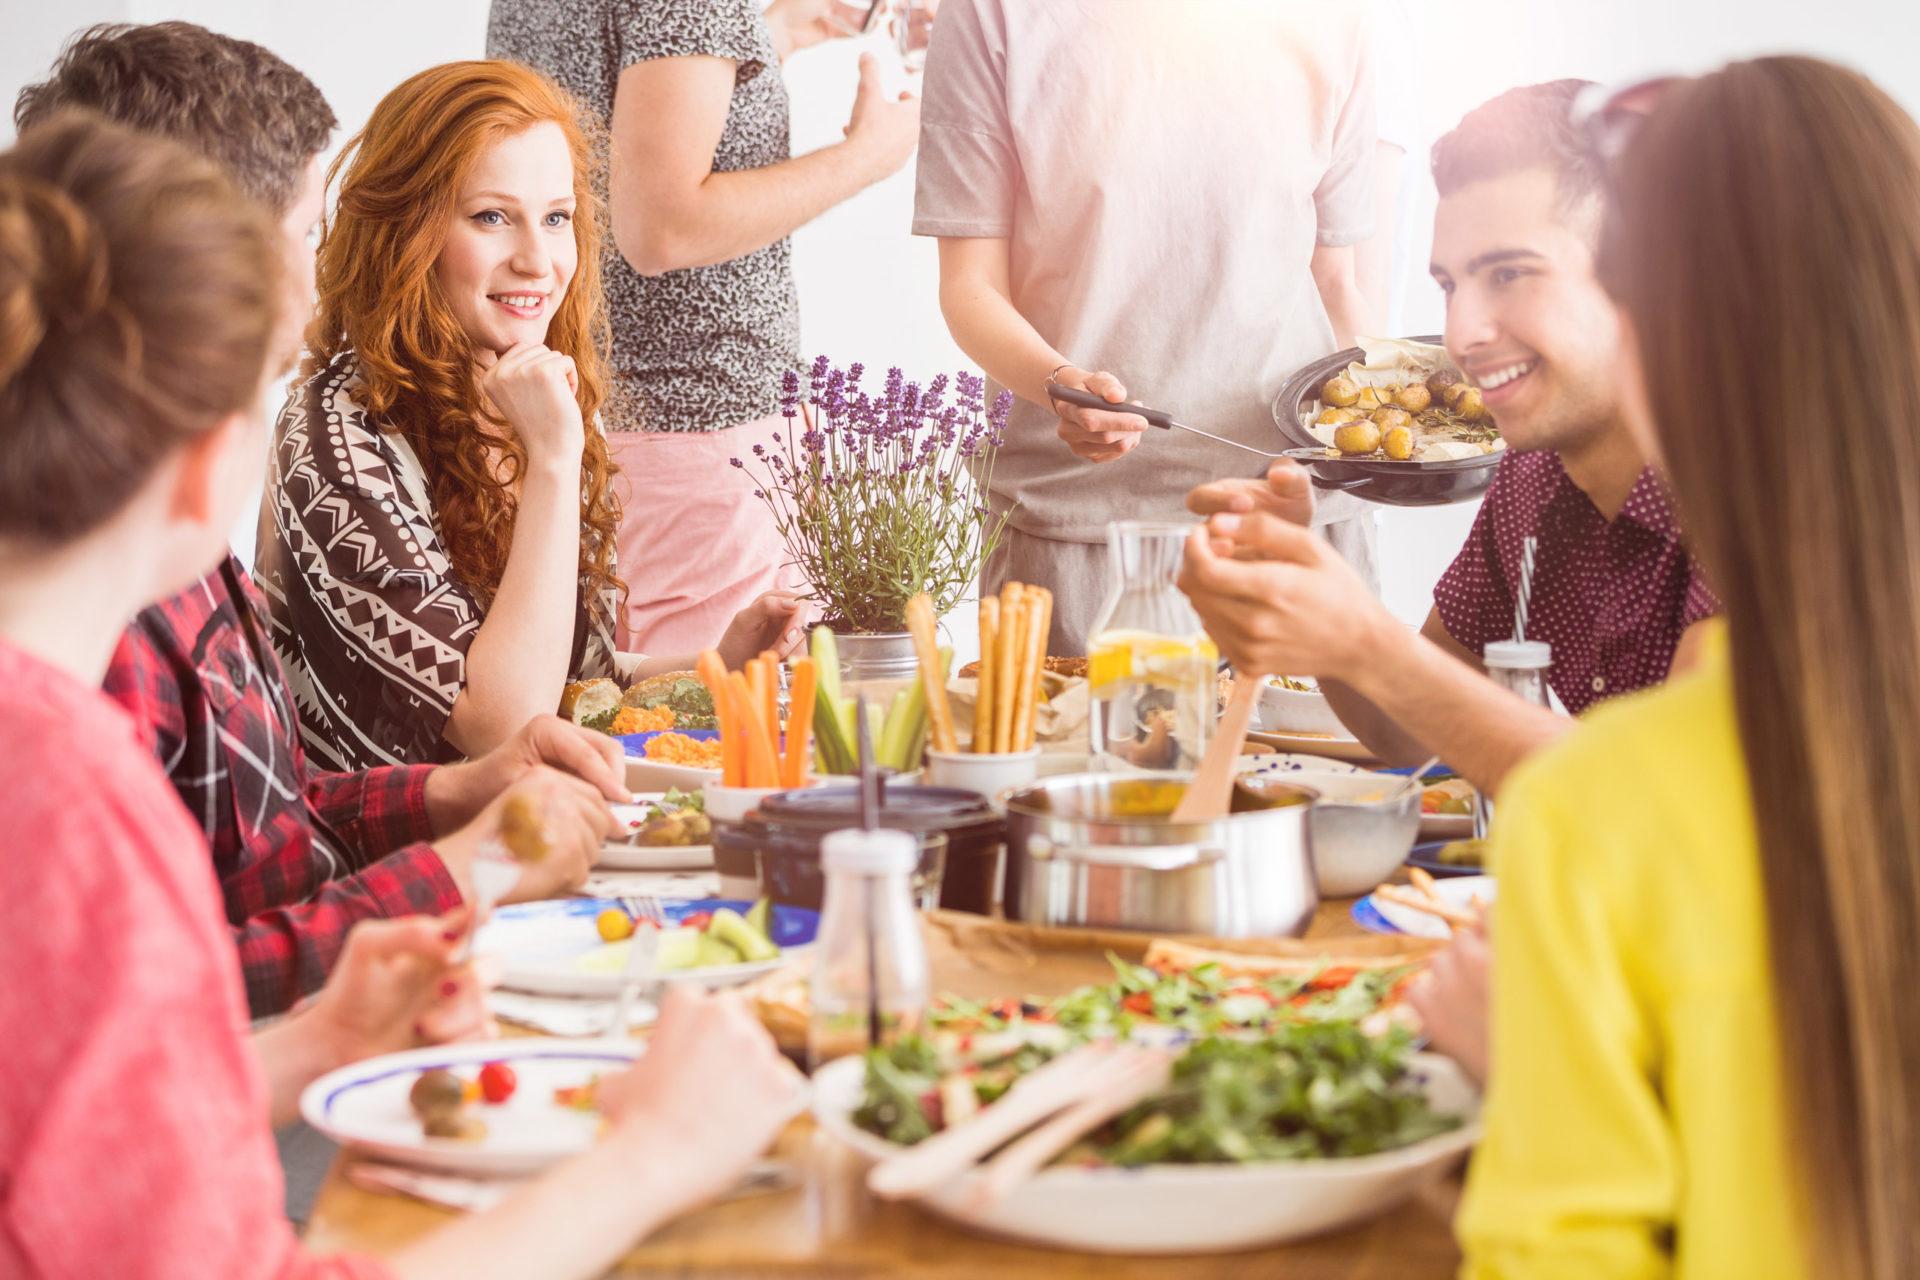 Grupa ludzi zjada zdrowe posiłki